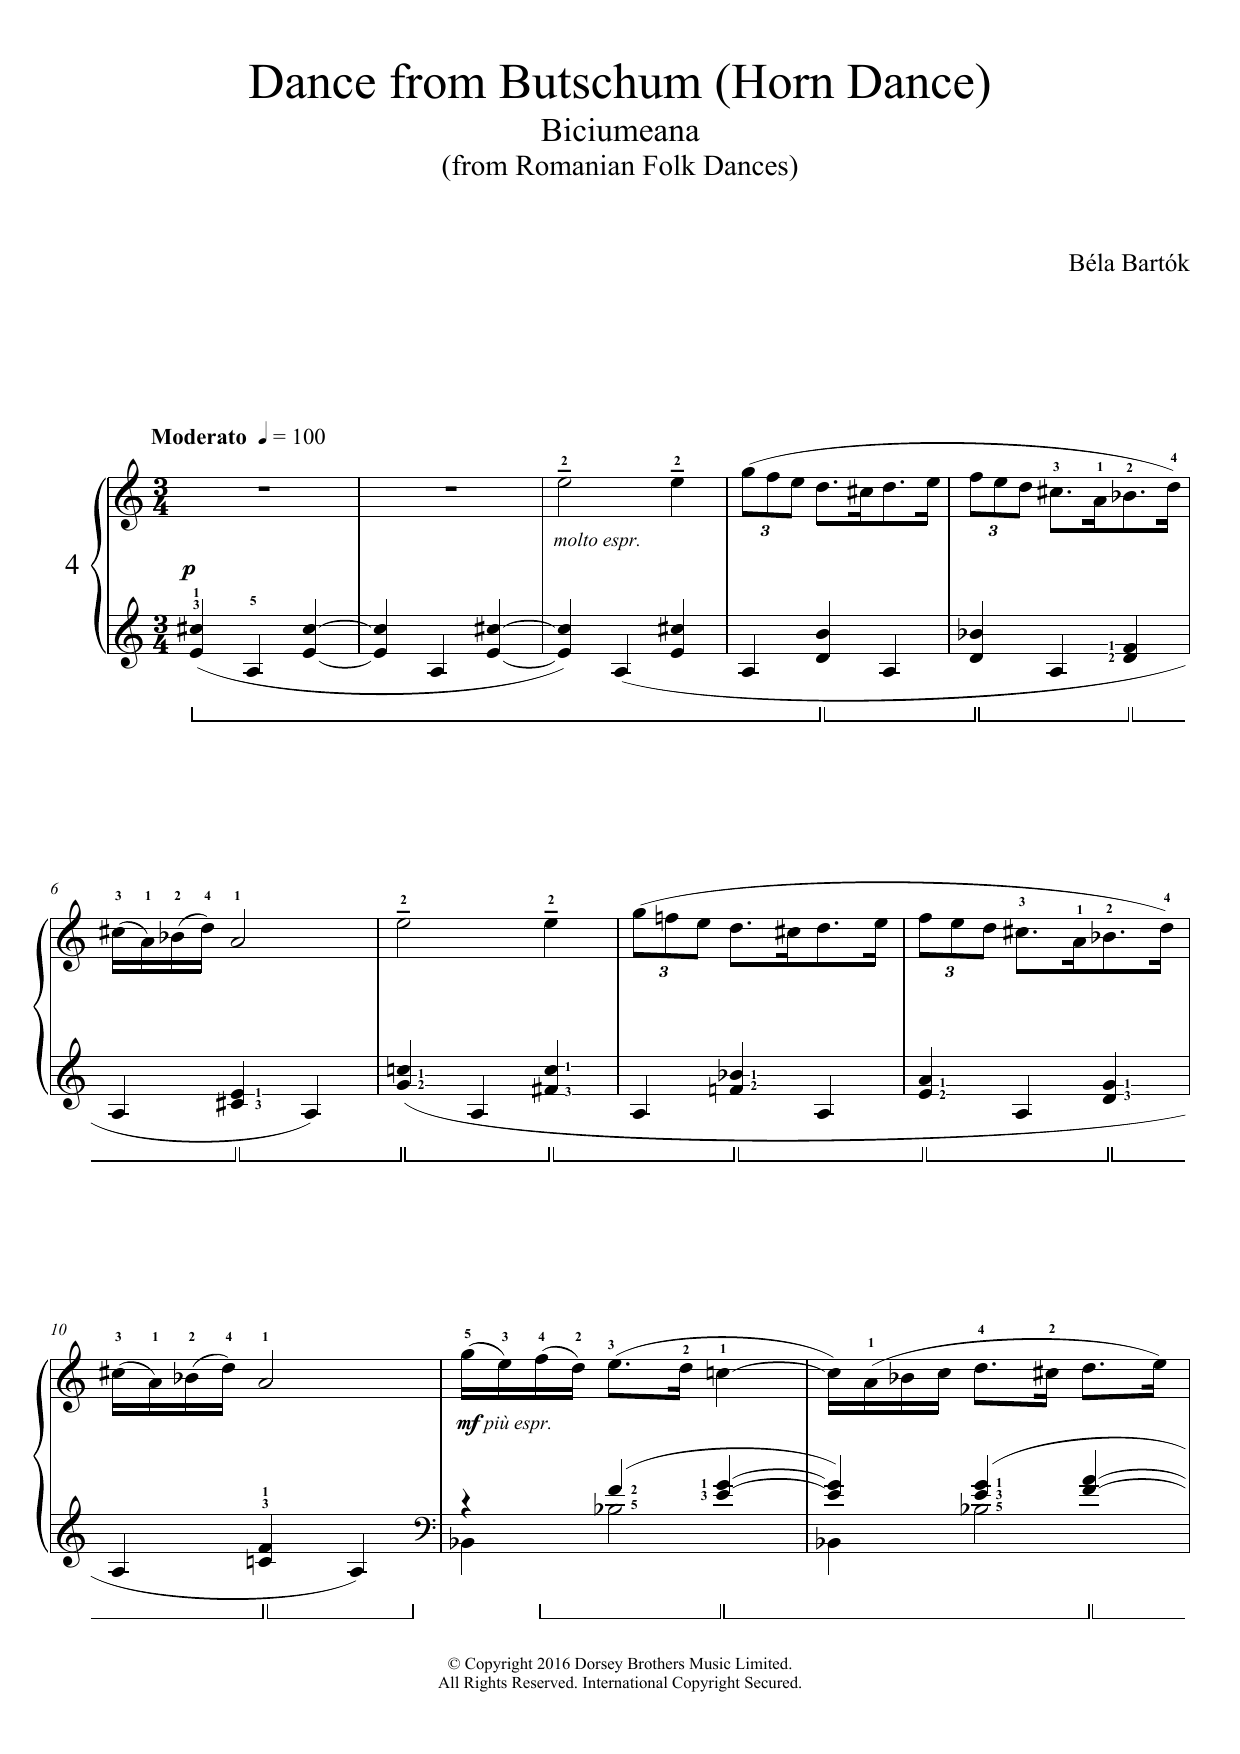 Bela Bartok - Dance From Butschum (from Romanian Folk Dances)